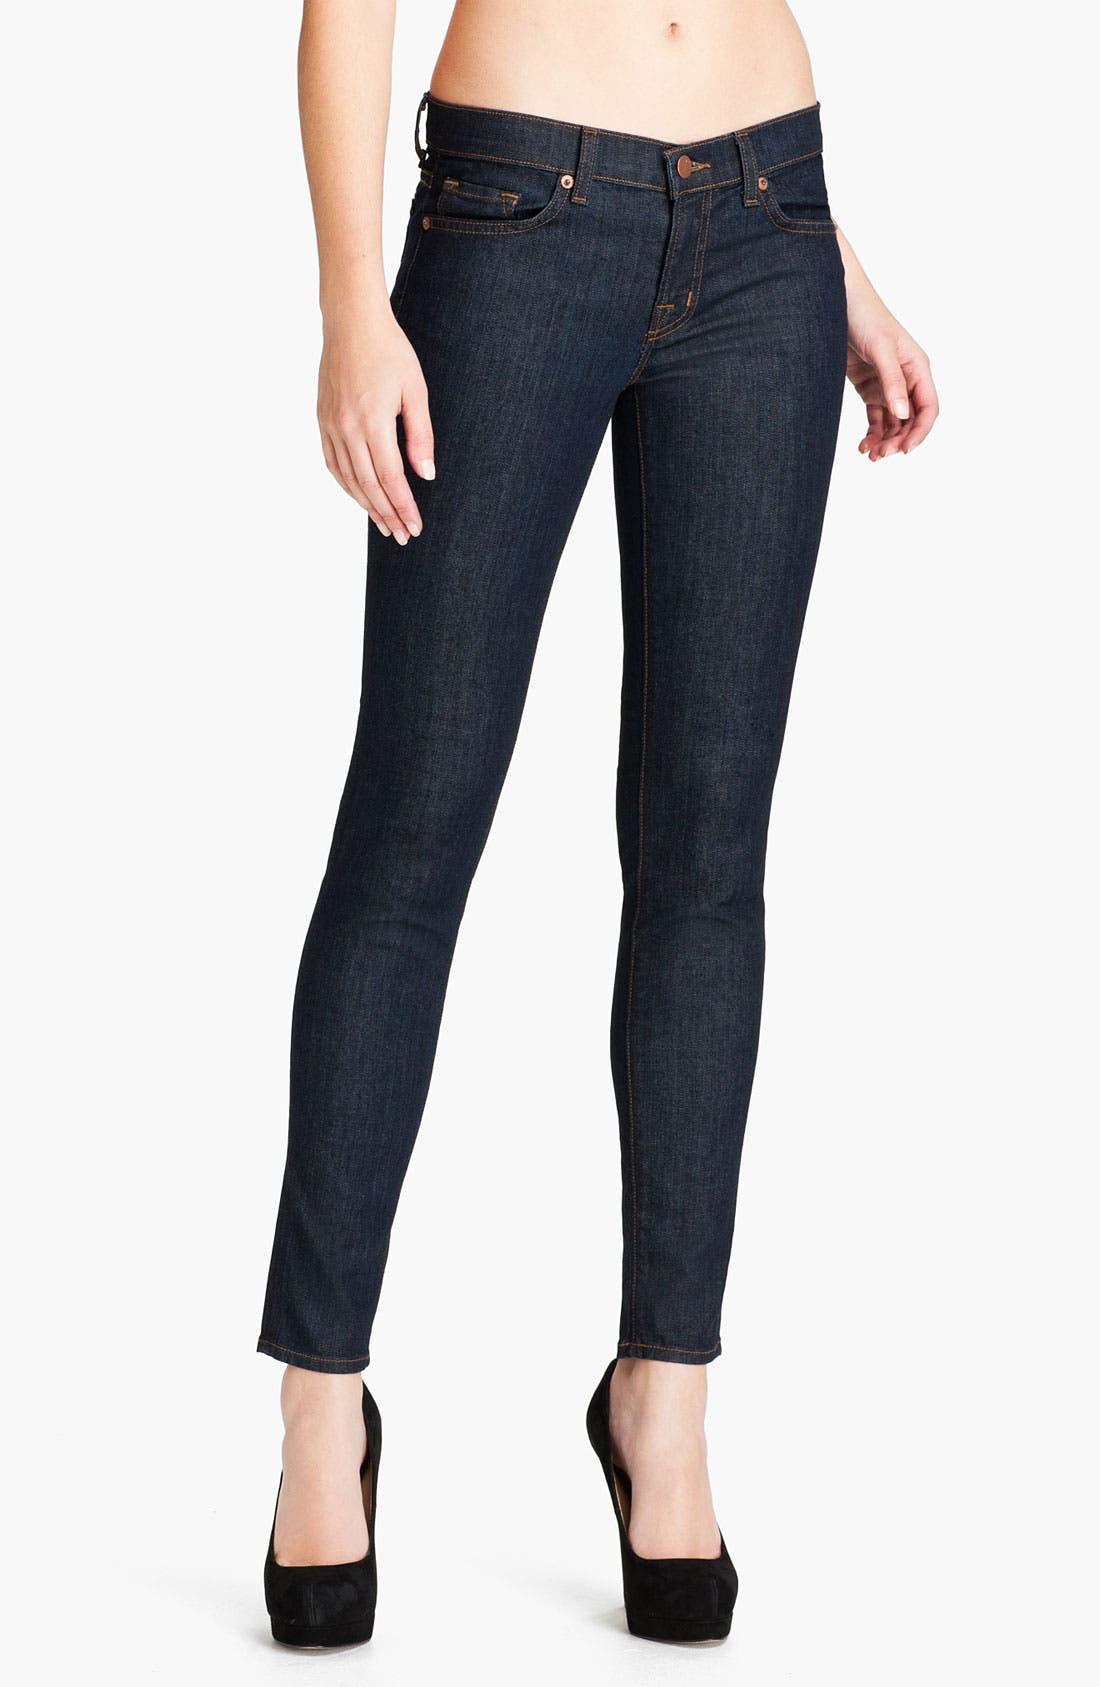 Alternate Image 1 Selected - J Brand Stretch Denim Skinny Jeans (Tudor)